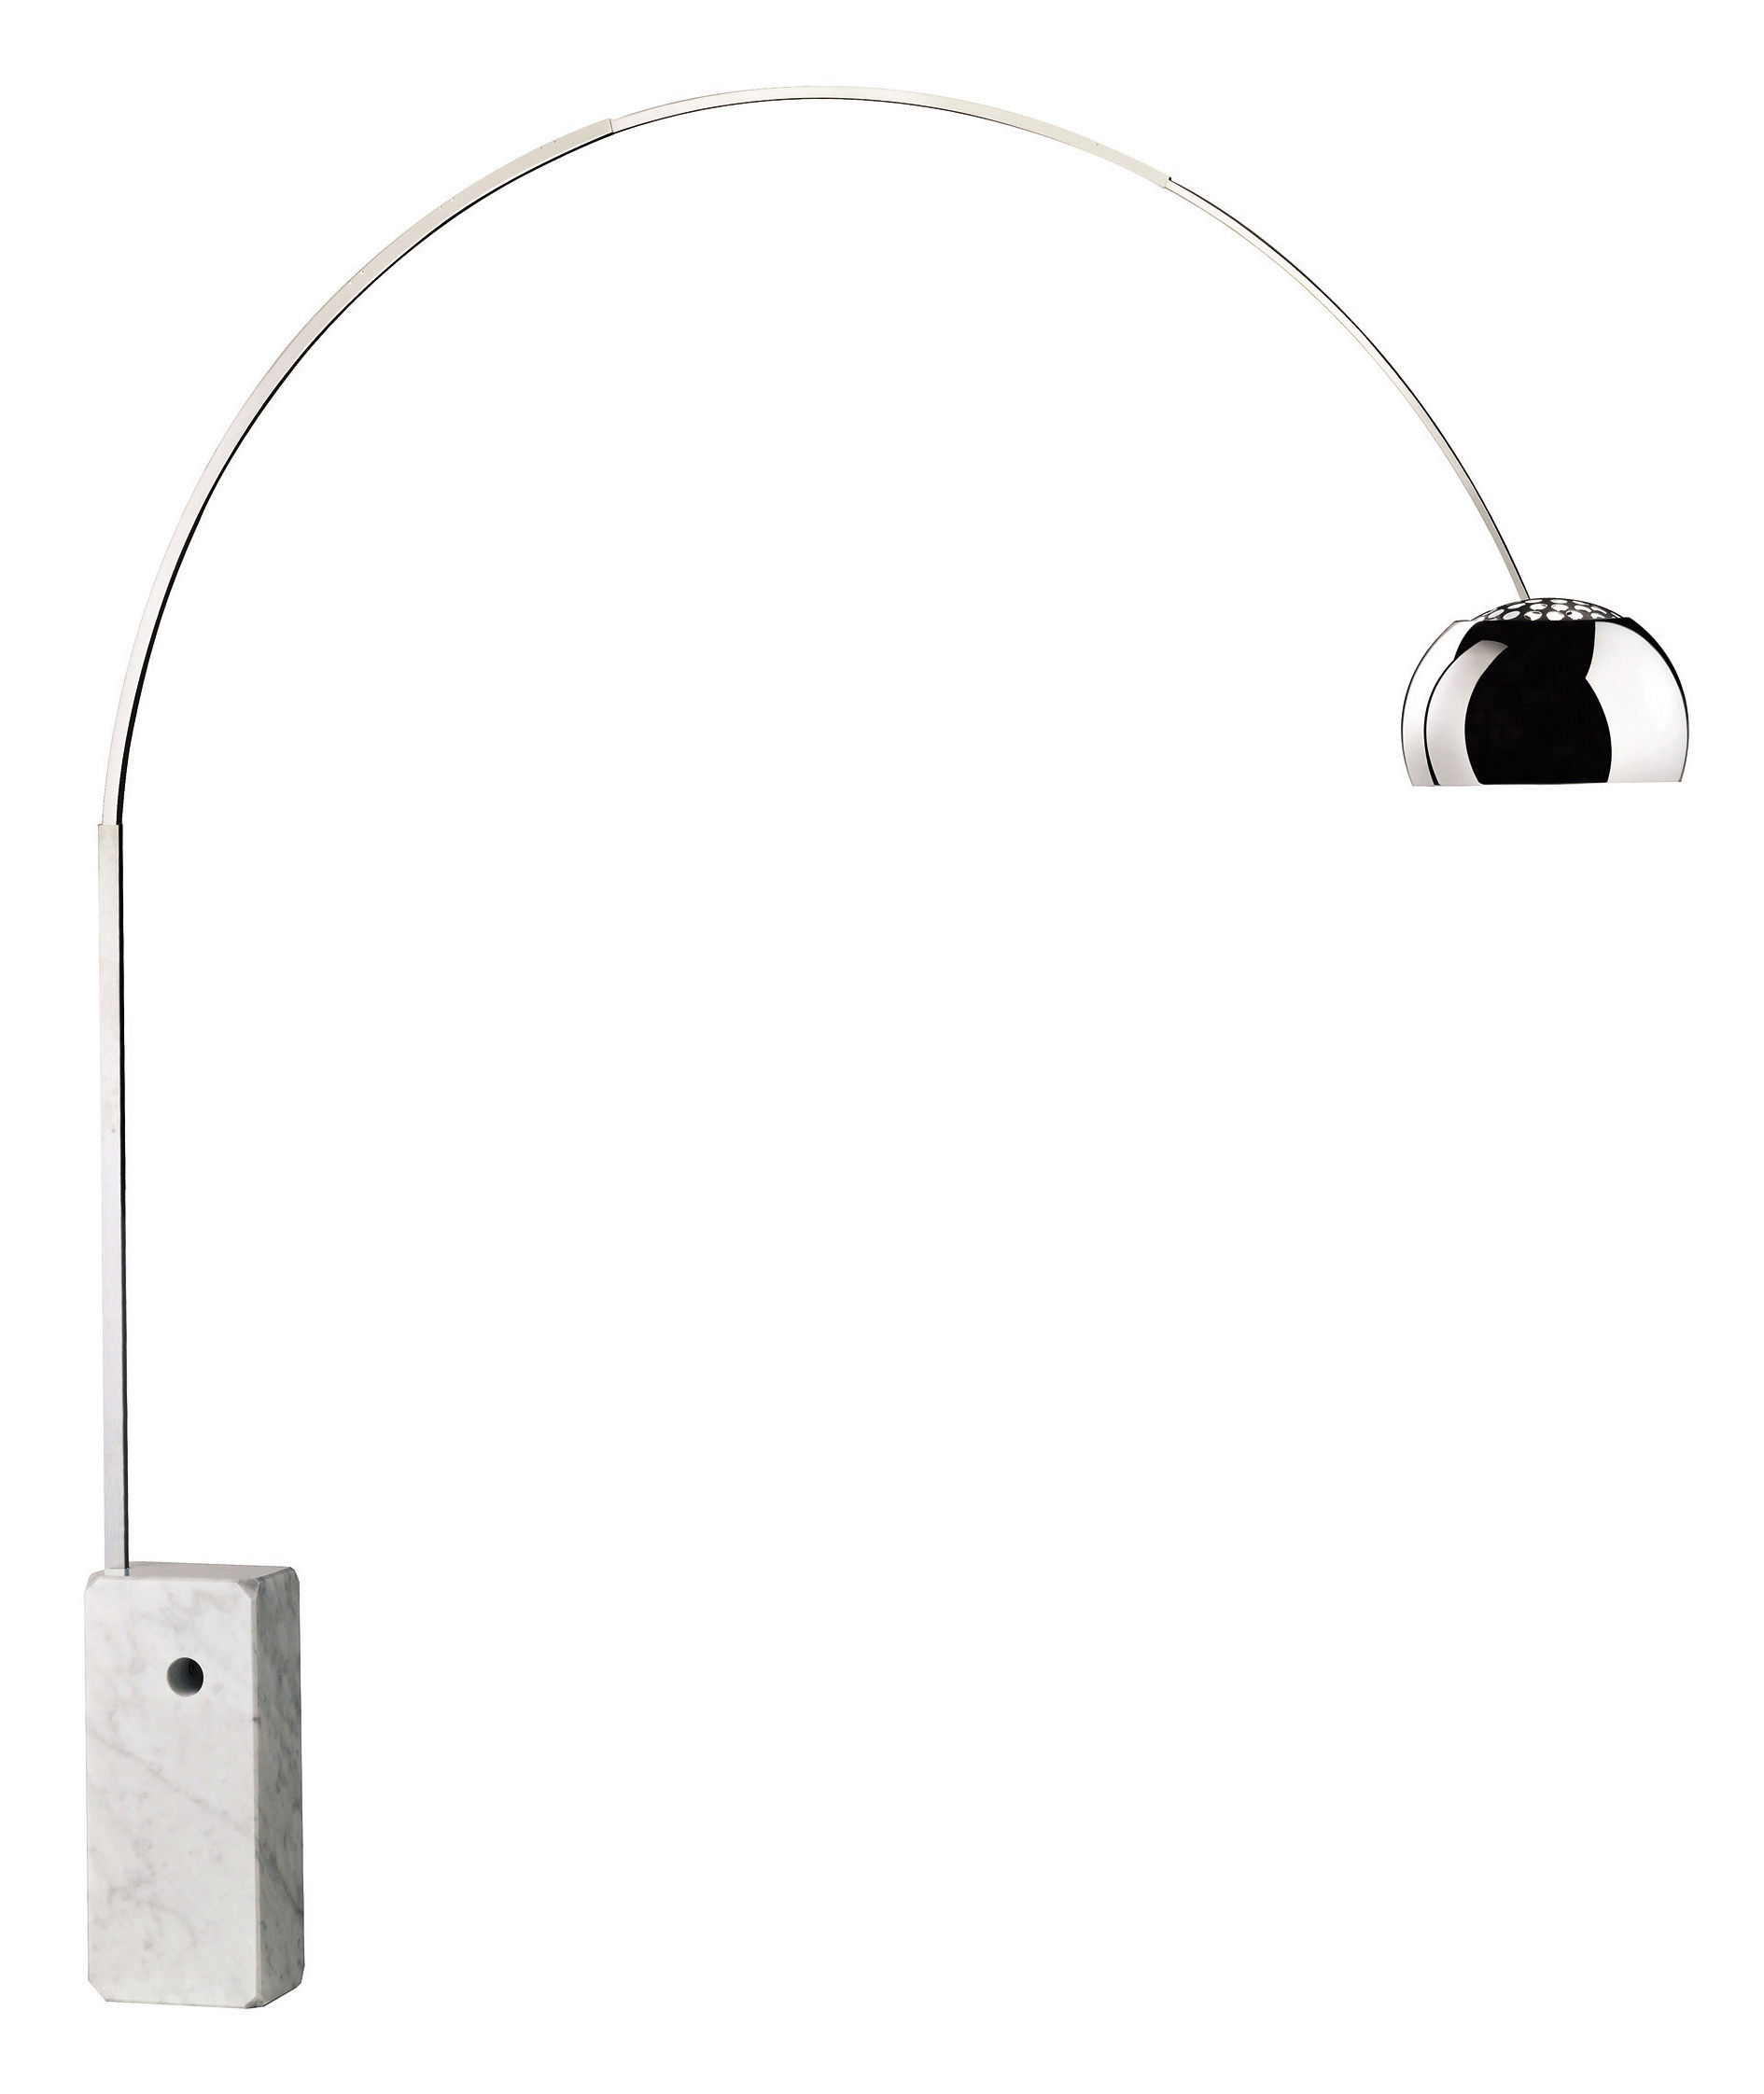 Leuchten - Stehleuchten - Arco Stehleuchte - Flos - Weißer Marmor - Stahlgestell - Marmor, poliertes Aluminium, rostfreier Stahl